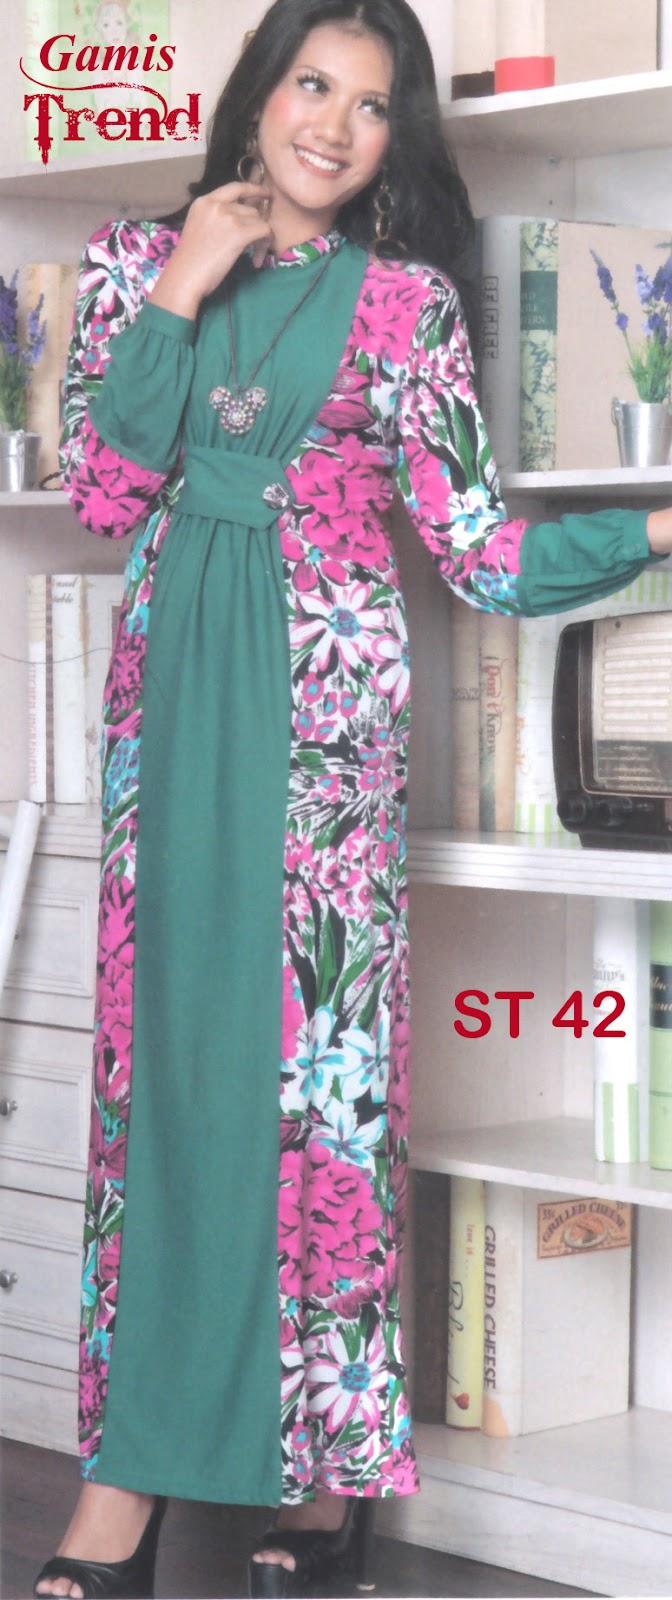 Fashion Baju 99 Baju Wanita Dewasa Butik Toko